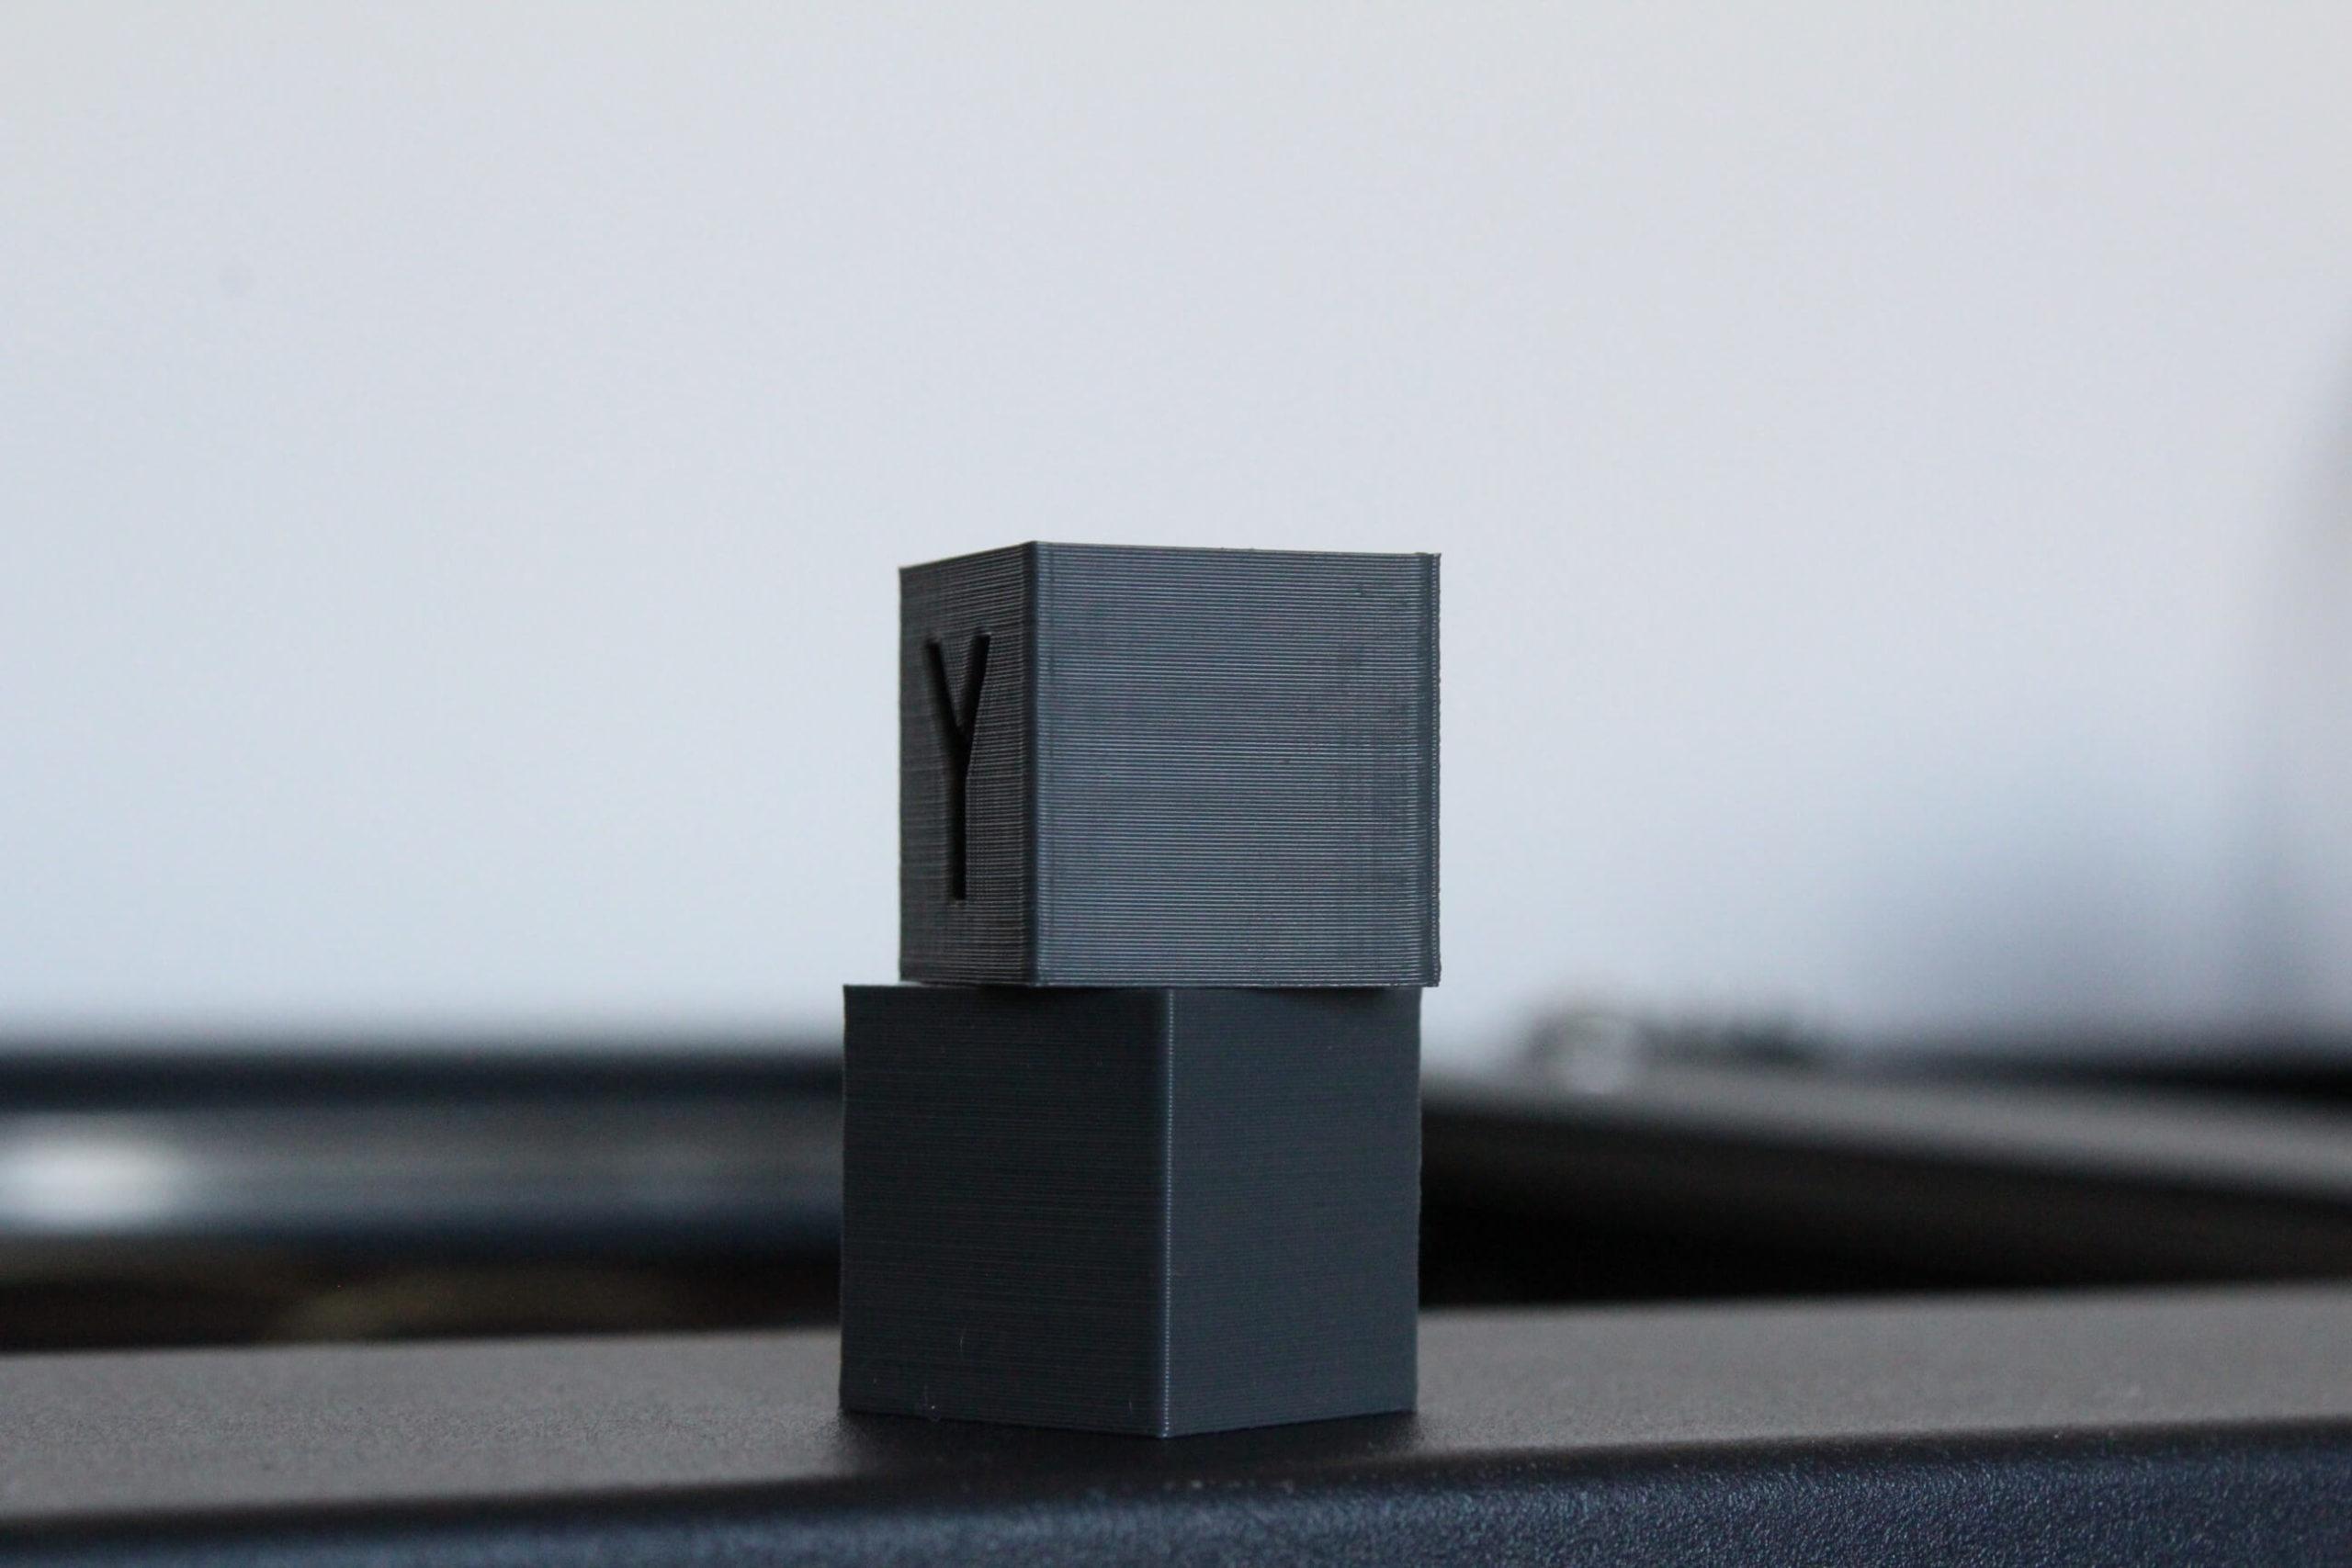 Calibration-Cube-Mingda-D3-Pro-Review-3